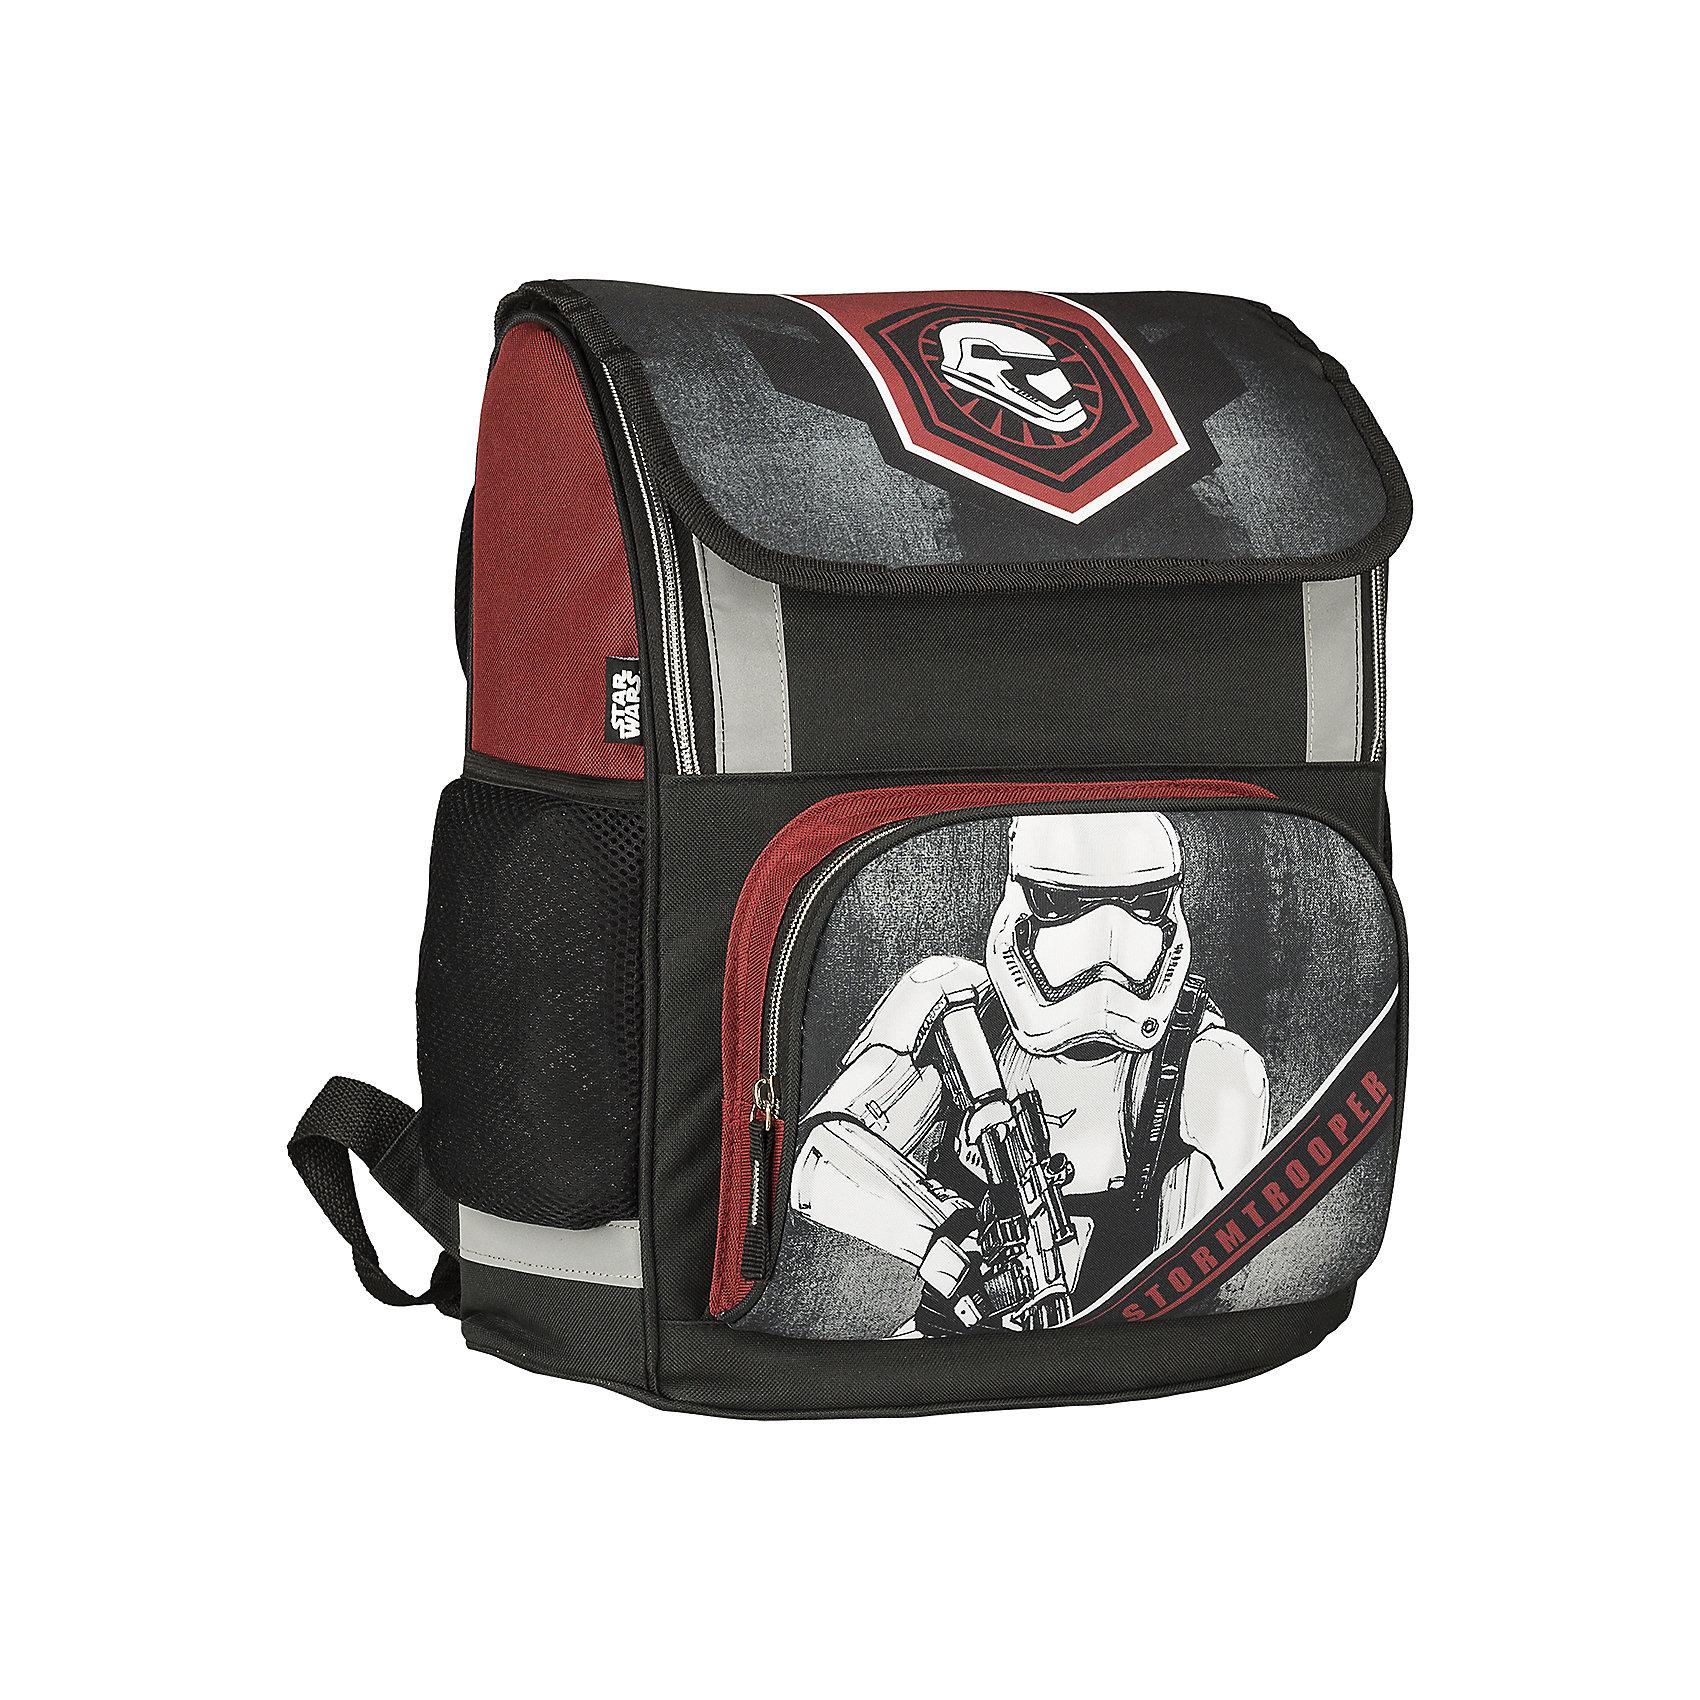 Школьный рюкзак, Star WarsЗвездные войны Рюкзаки, ранцы и сумки<br>Рюкзак, Star Wars - прекрасный вариант для школьных занятий. Рюкзак изготовлен из прочного полиэстера и имеет оригинальный дизайн в стиле популярной киноэпопеи Звездные войны. Эргономичная спинка выполнена в виде накладок анатомической формы из нескольких слоев<br>вспененных синтетических материалов и обтянута воздухообменной сеткой. Широкие анатомические лямки, регулируемые по длине, равномерно распределяют нагрузку на плечевой пояс. Также есть удобная текстильная ручка для переноски в руках. <br><br>Рюкзак закрывается крышкой на липучке, внутри одно просторное вместительное отделение на молнии с разделителем и утягивающей резинкой. На лицевой стороне рюкзака расположен большой накладной карман, закрывающийся на молнию, также имеются два кармана по бокам<br>рюкзака. Светоотражающие вставки повышают безопасность ребенка на дороге.<br><br><br>Дополнительная информация:<br><br>- Материал: полиэстер.  <br>- Размер: 38 х 29 х 13 см.<br>- Вес: 0,85 кг.<br><br>Рюкзак, Star Wars, можно купить в нашем интернет-магазине.<br><br>Ширина мм: 290<br>Глубина мм: 130<br>Высота мм: 380<br>Вес г: 850<br>Возраст от месяцев: 72<br>Возраст до месяцев: 108<br>Пол: Мужской<br>Возраст: Детский<br>SKU: 4681156